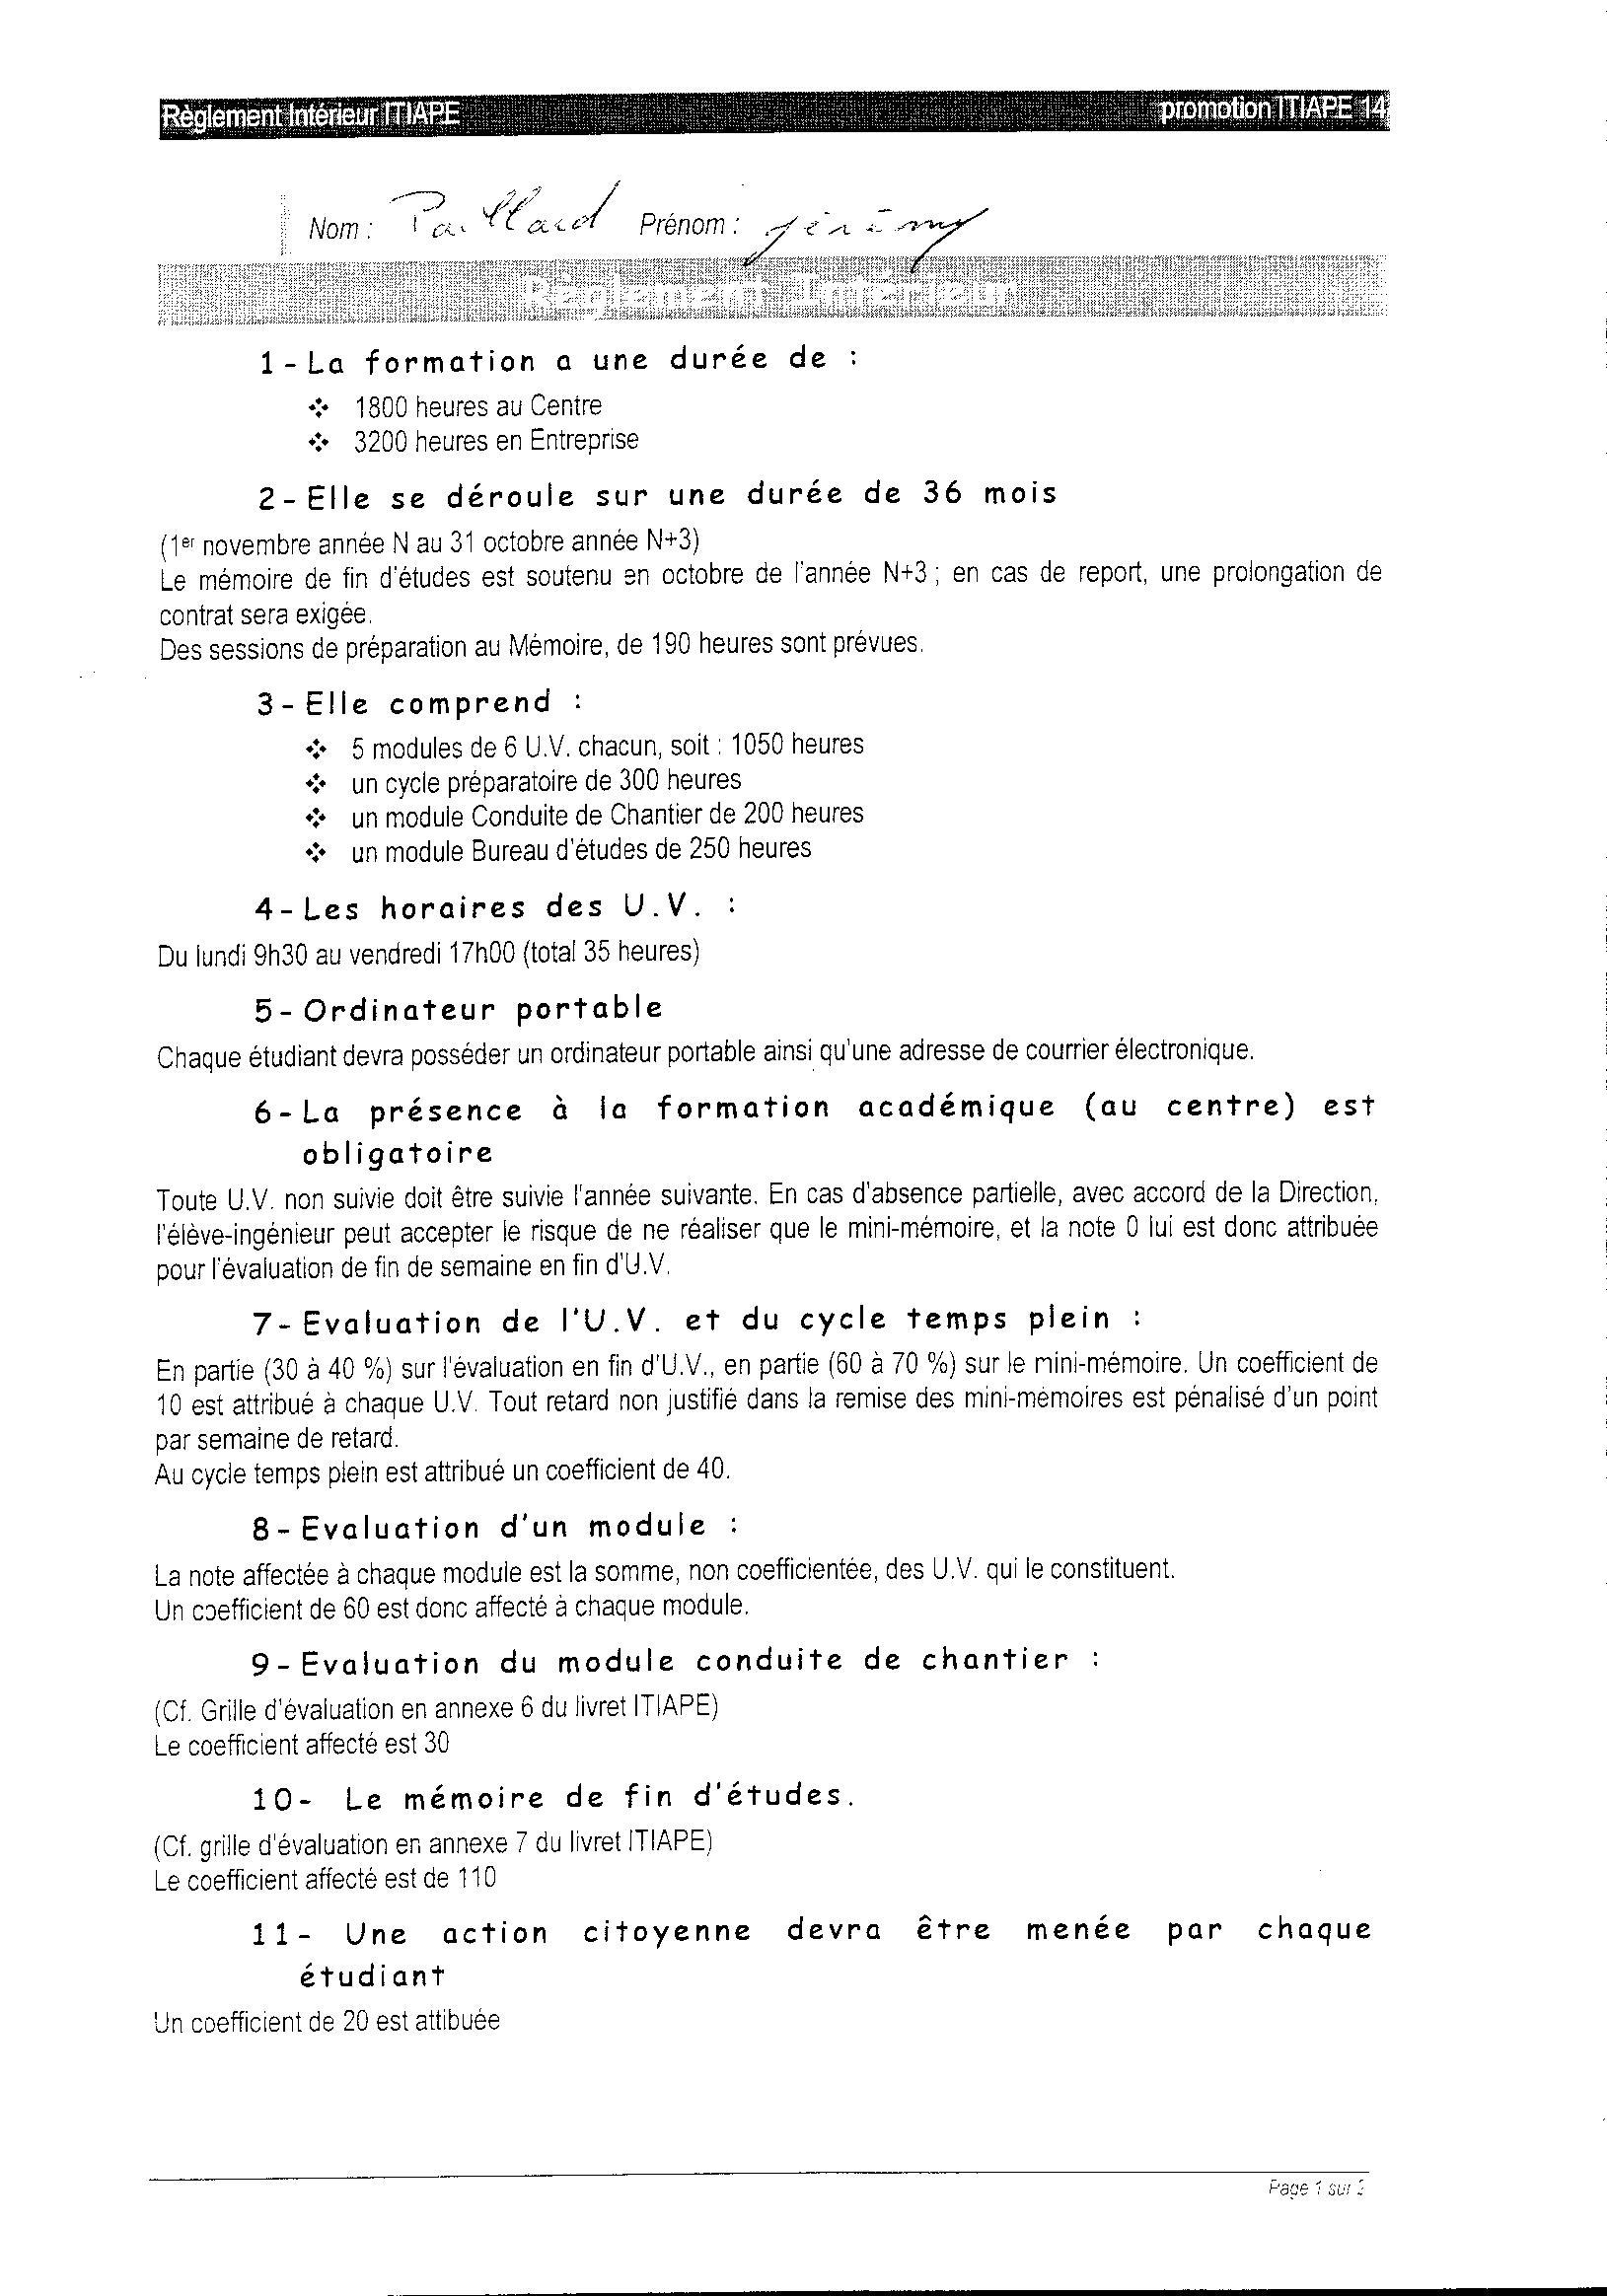 Carnet de liaison r glement int rieur itiape for Reglement interieur entreprise